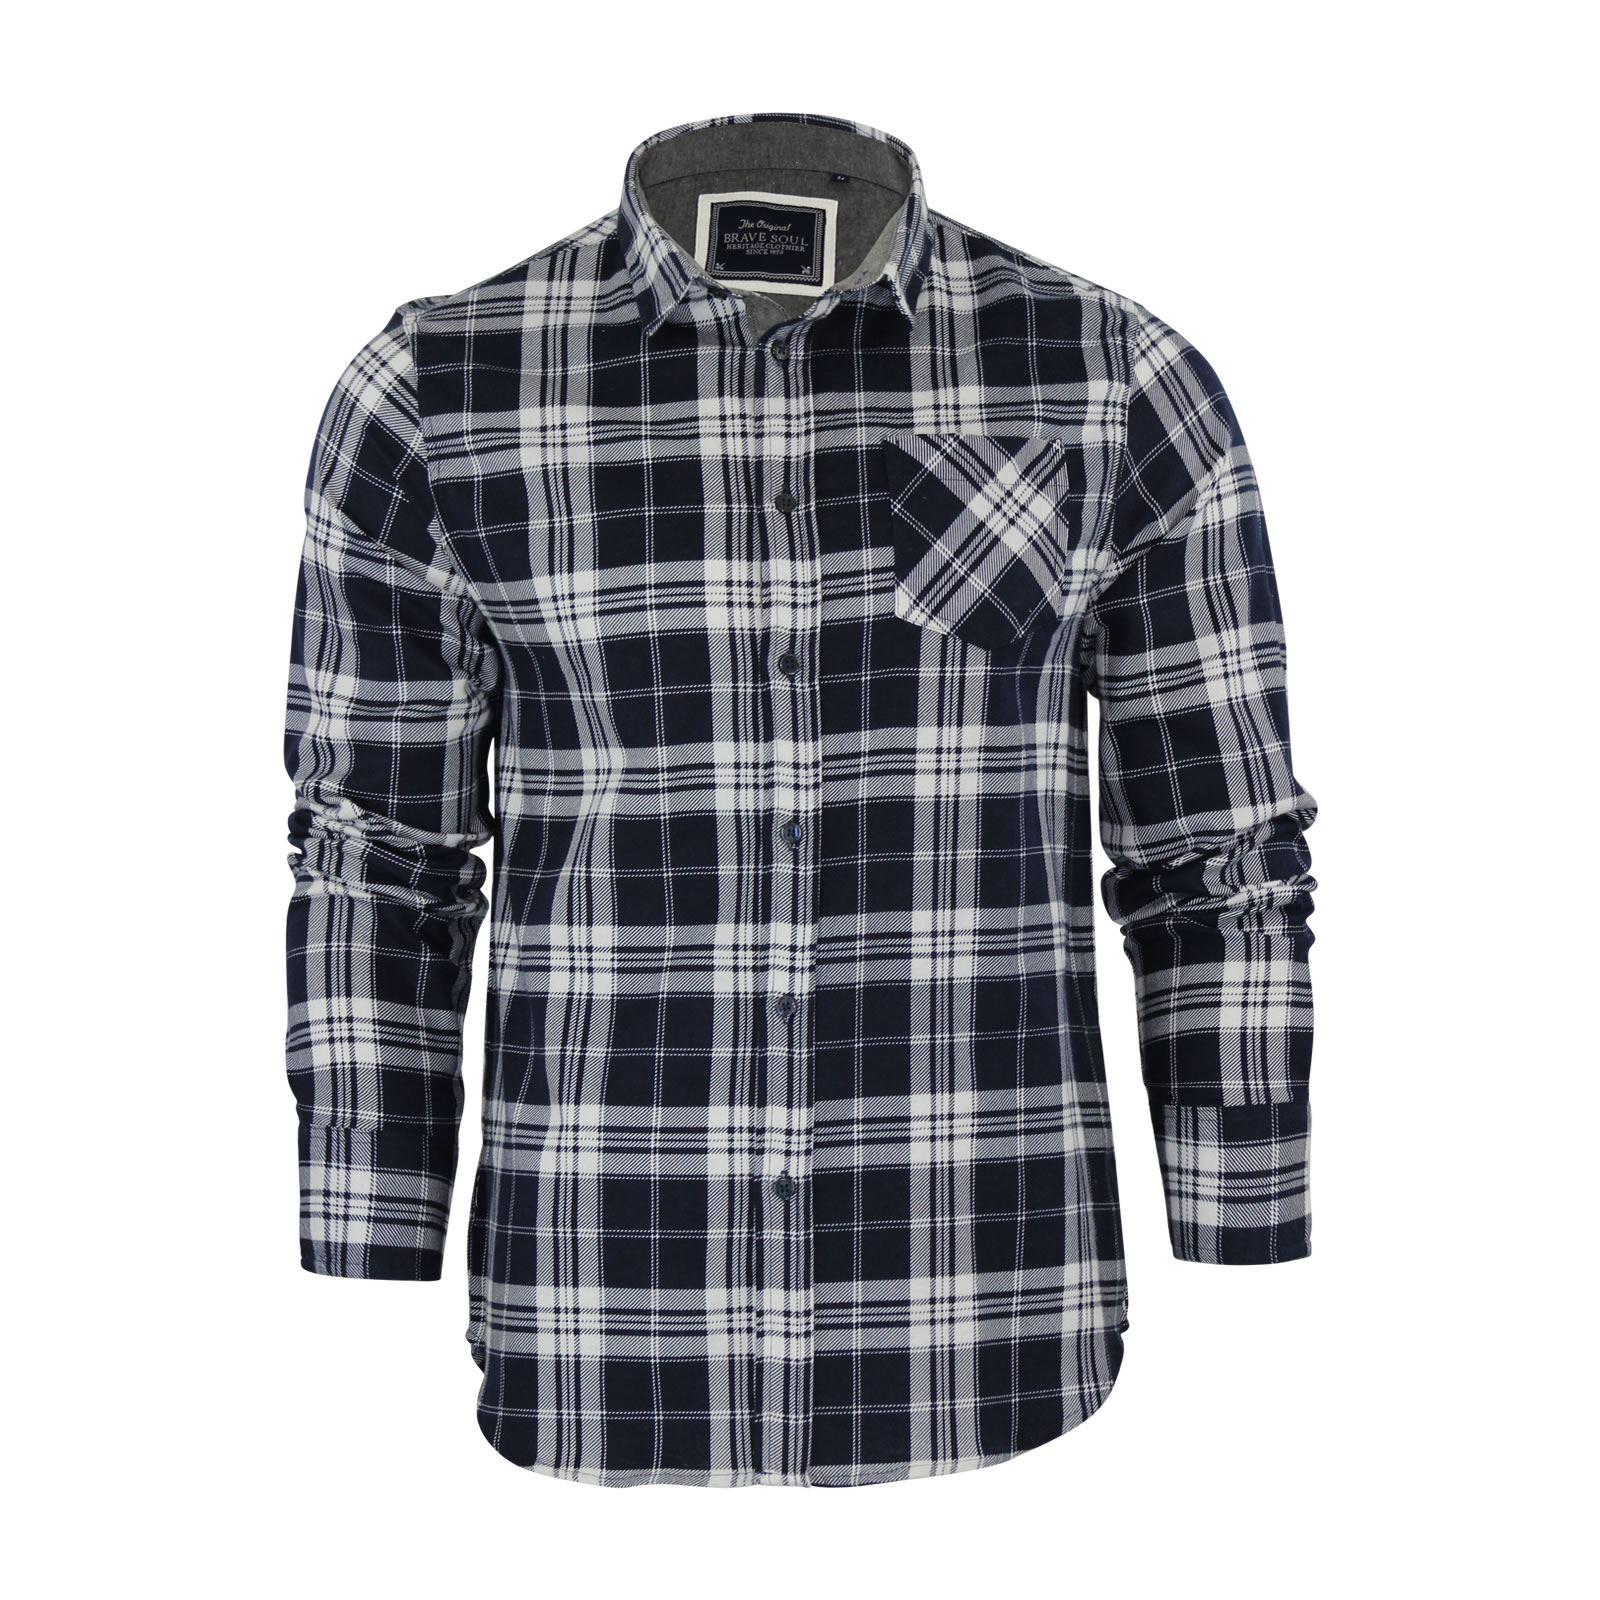 Alma-VALIENTE-HOMBRE-compruebe-Camisa-Algodon-Cepillado-De-Franela-Top-Manga-Larga-Casual miniatura 89